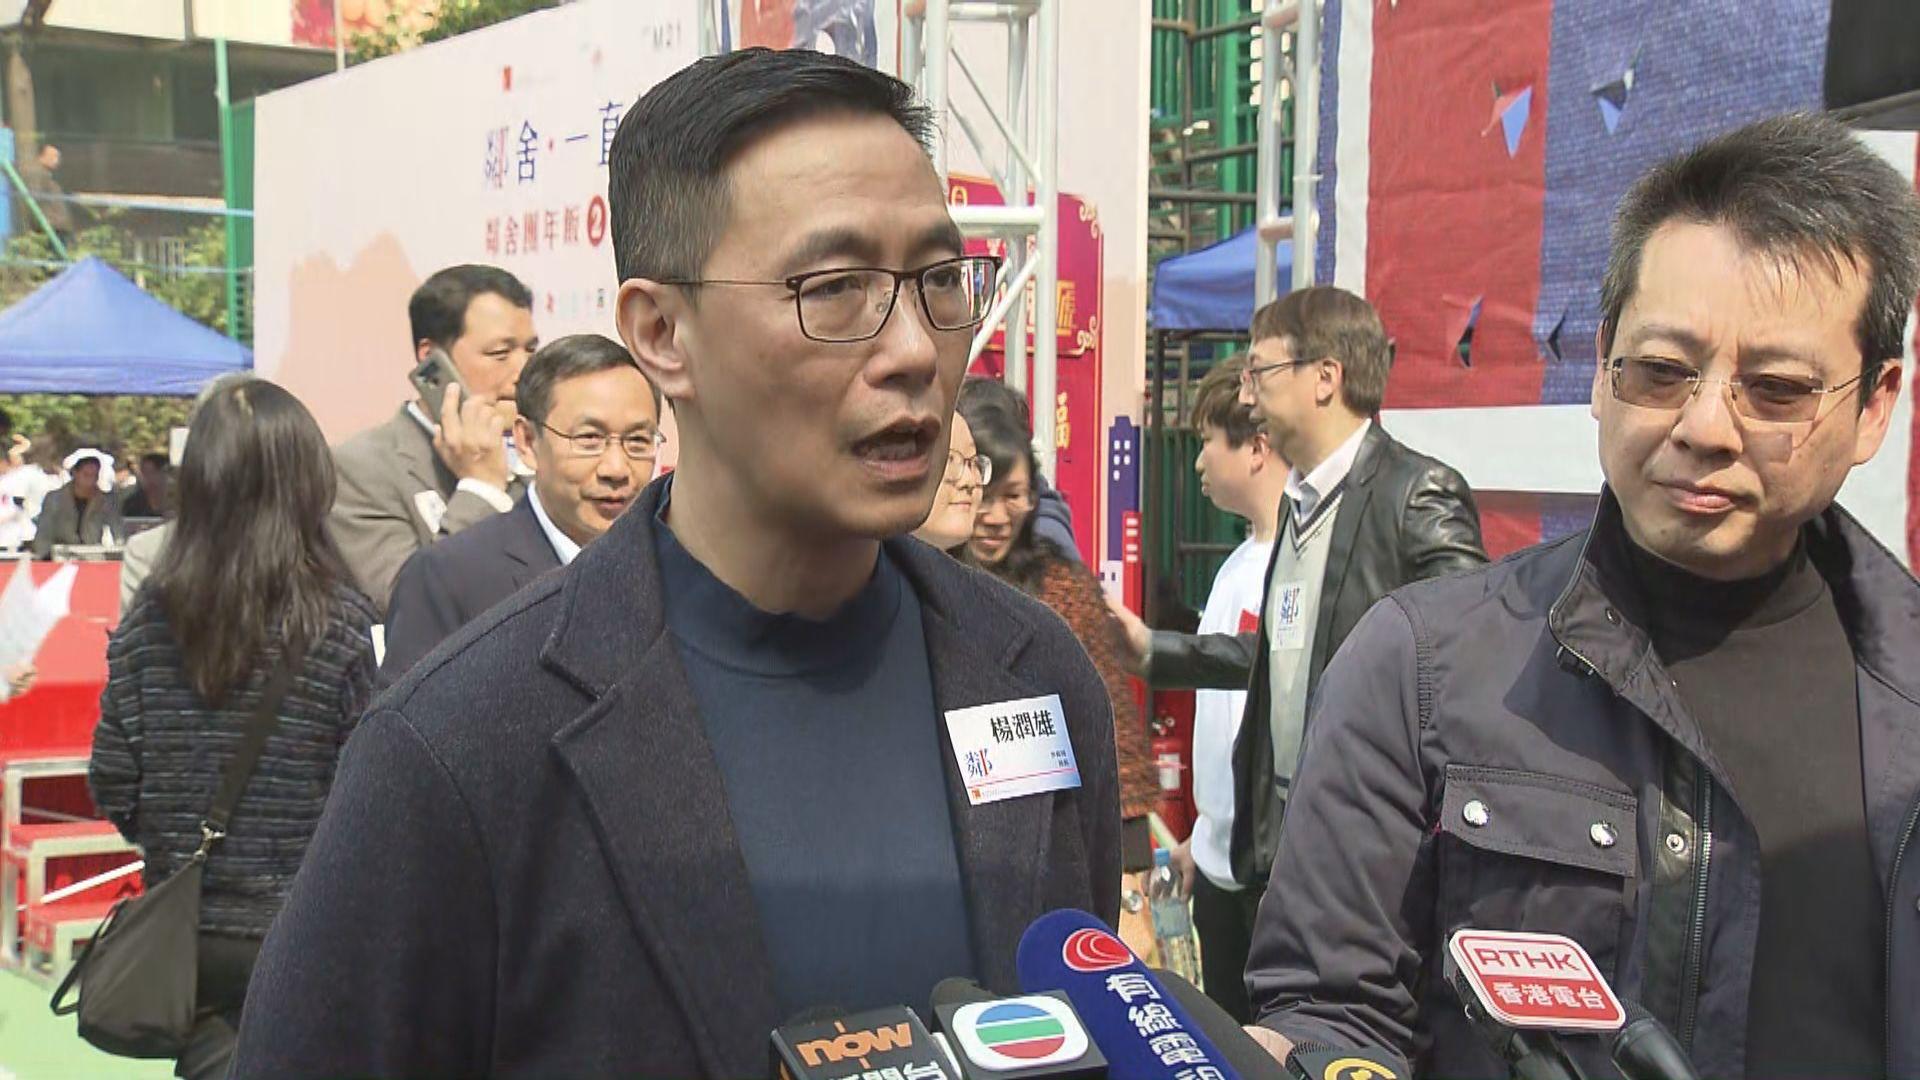 楊潤雄:對校園欺凌零容忍